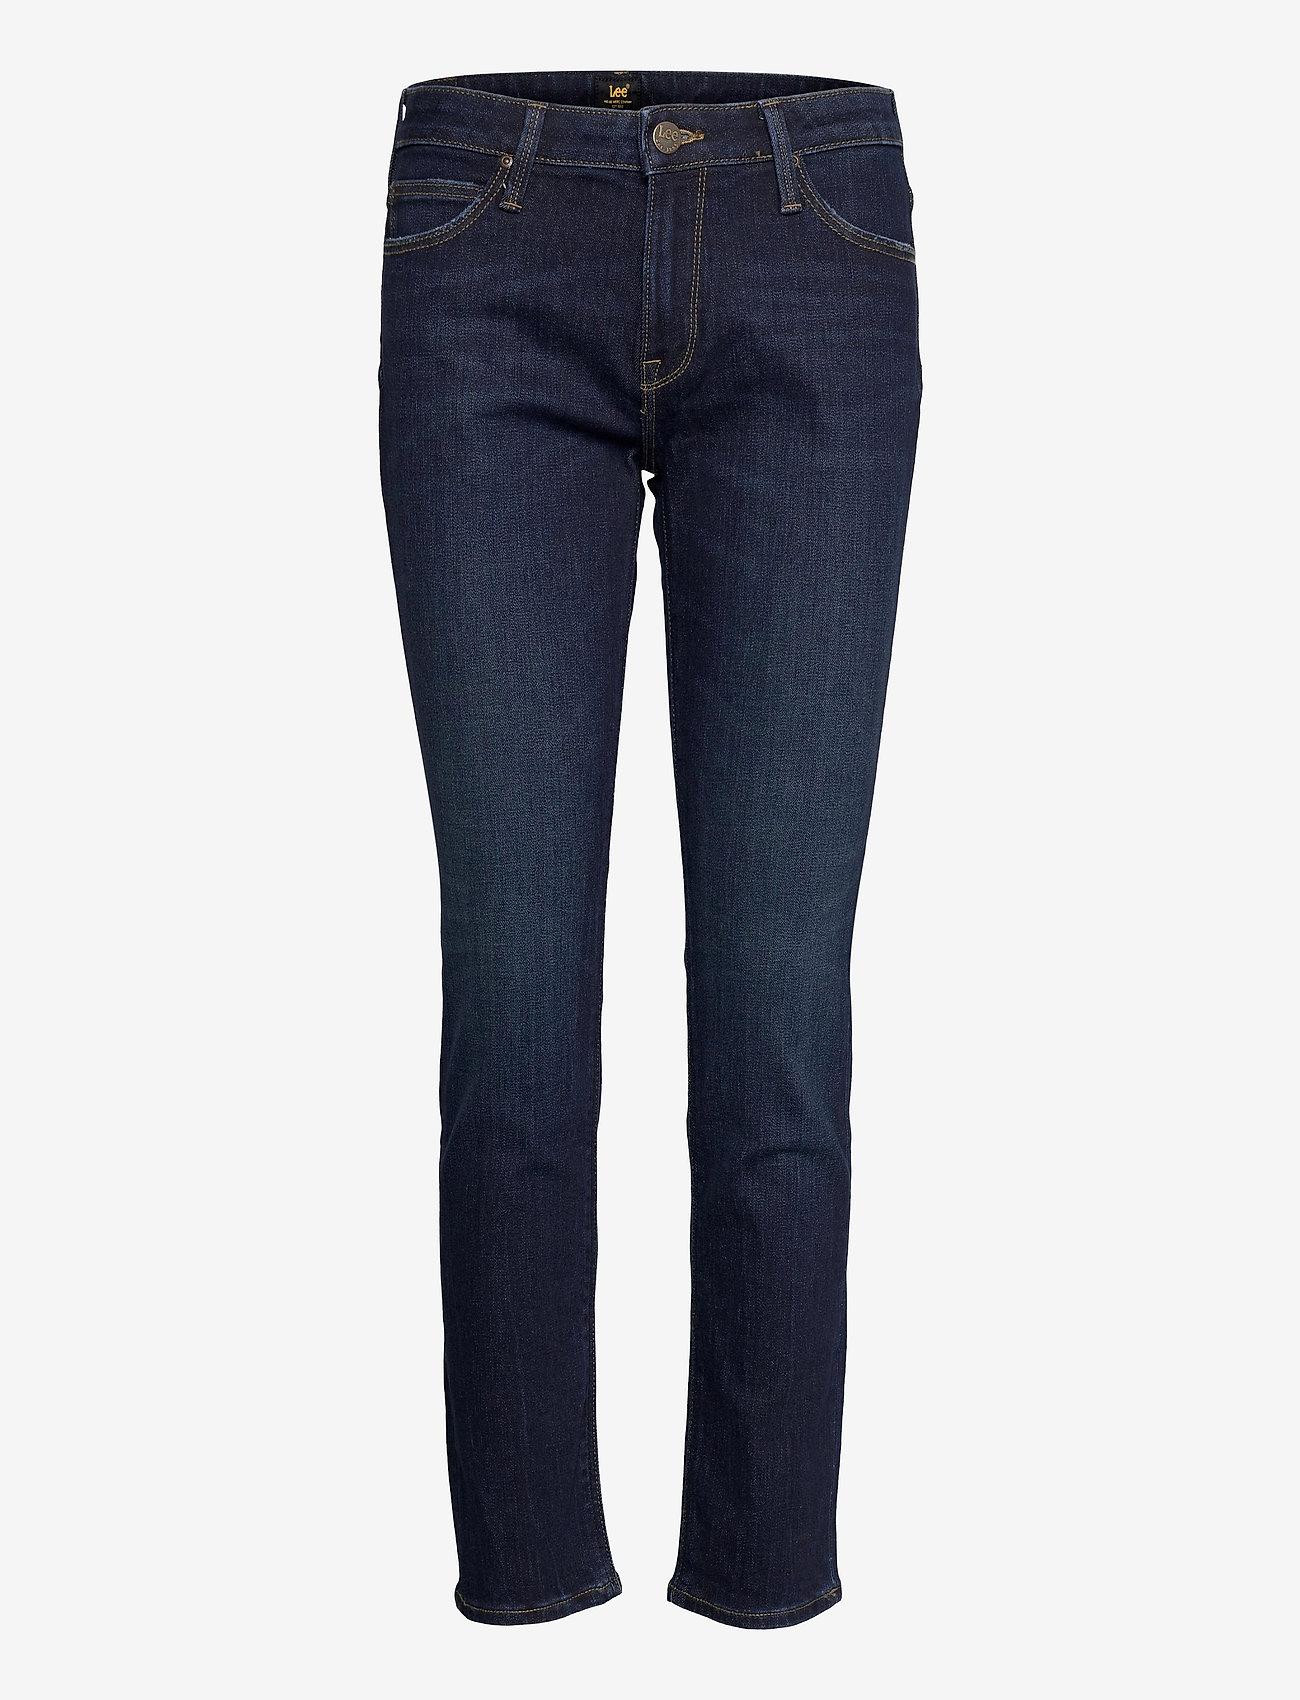 Lee Jeans - ELLY - straight jeans - dark pool - 0